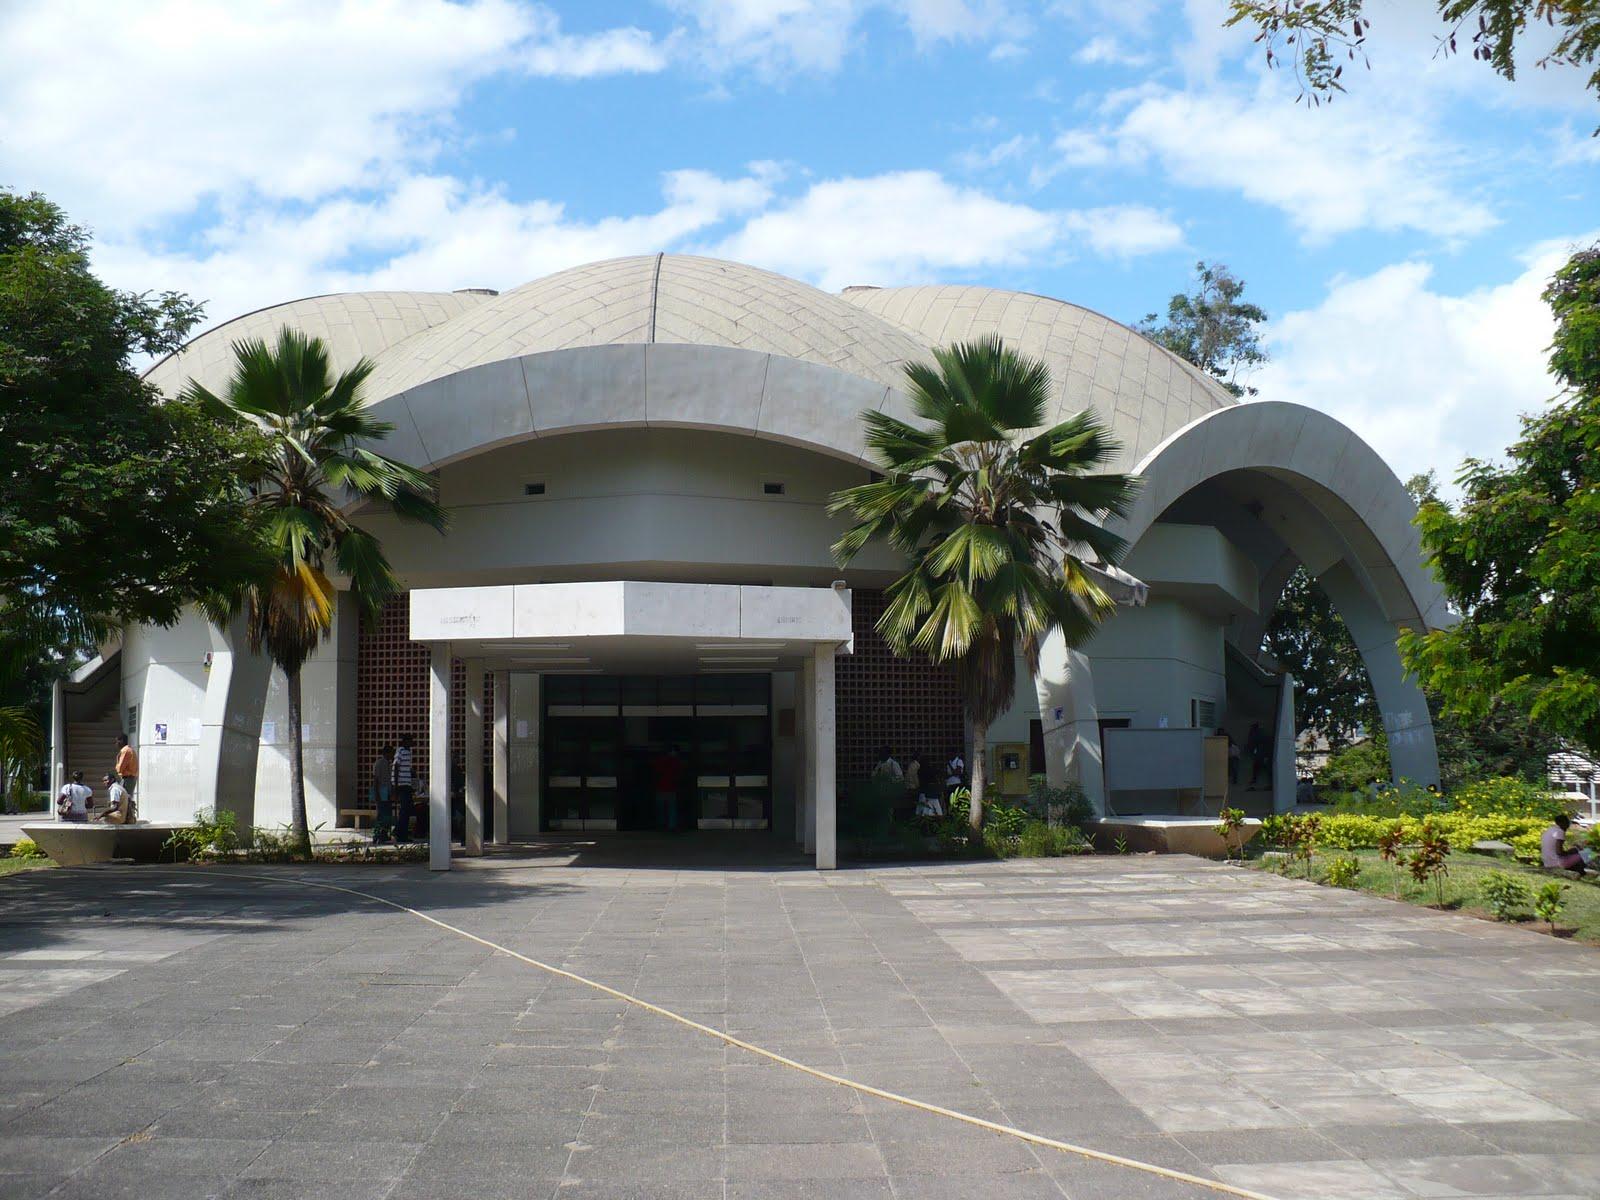 COTUL HQ